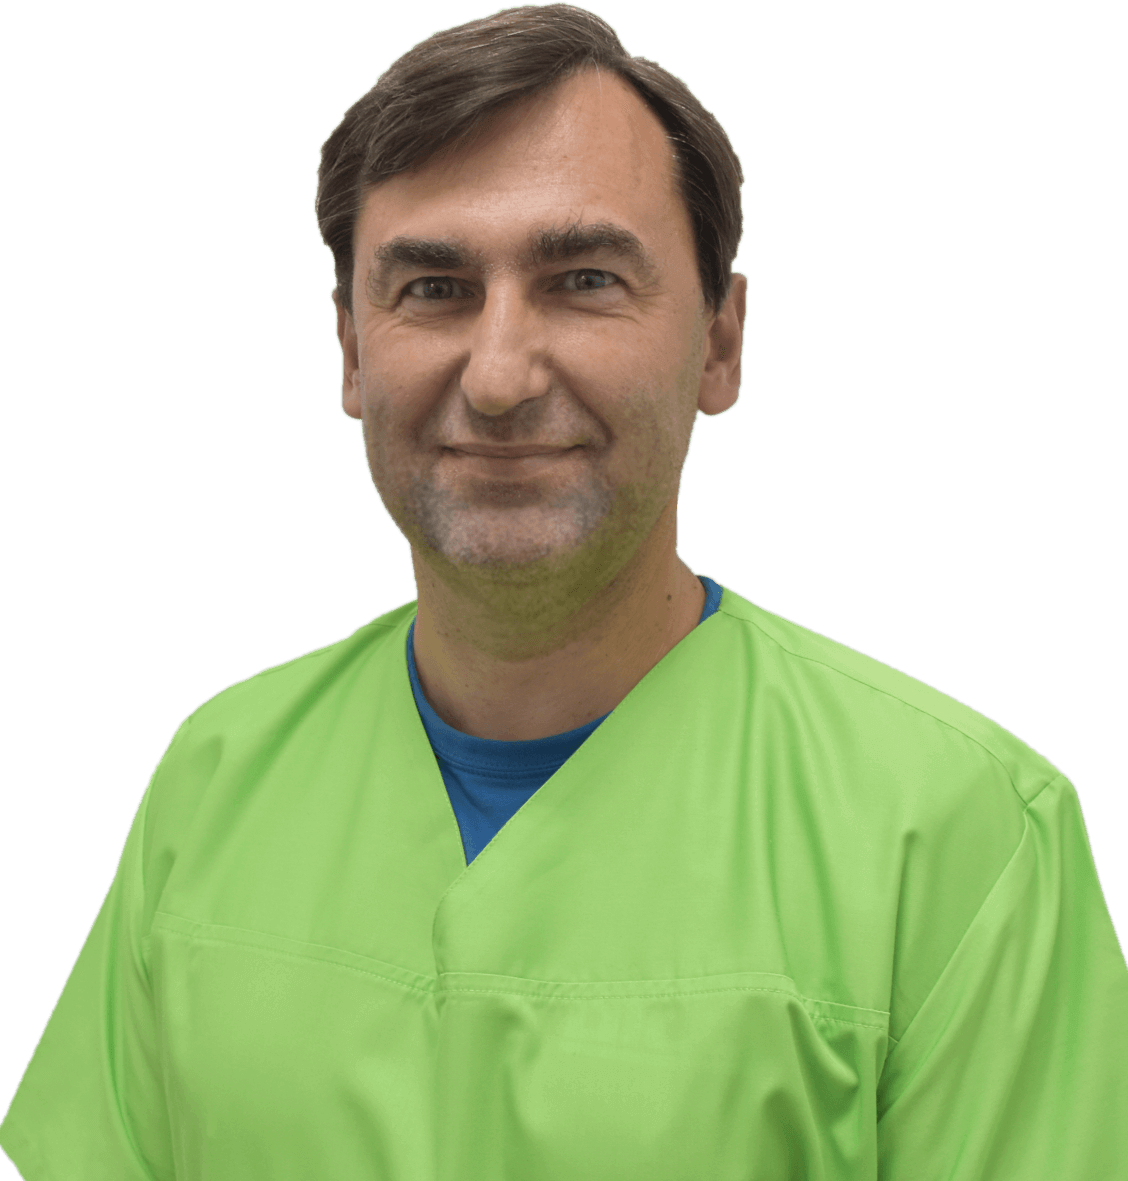 лікар Шмирьов Олег Валерійович: опис, відгуки, послуги, рейтинг, записатися онлайн на сайті h24.ua